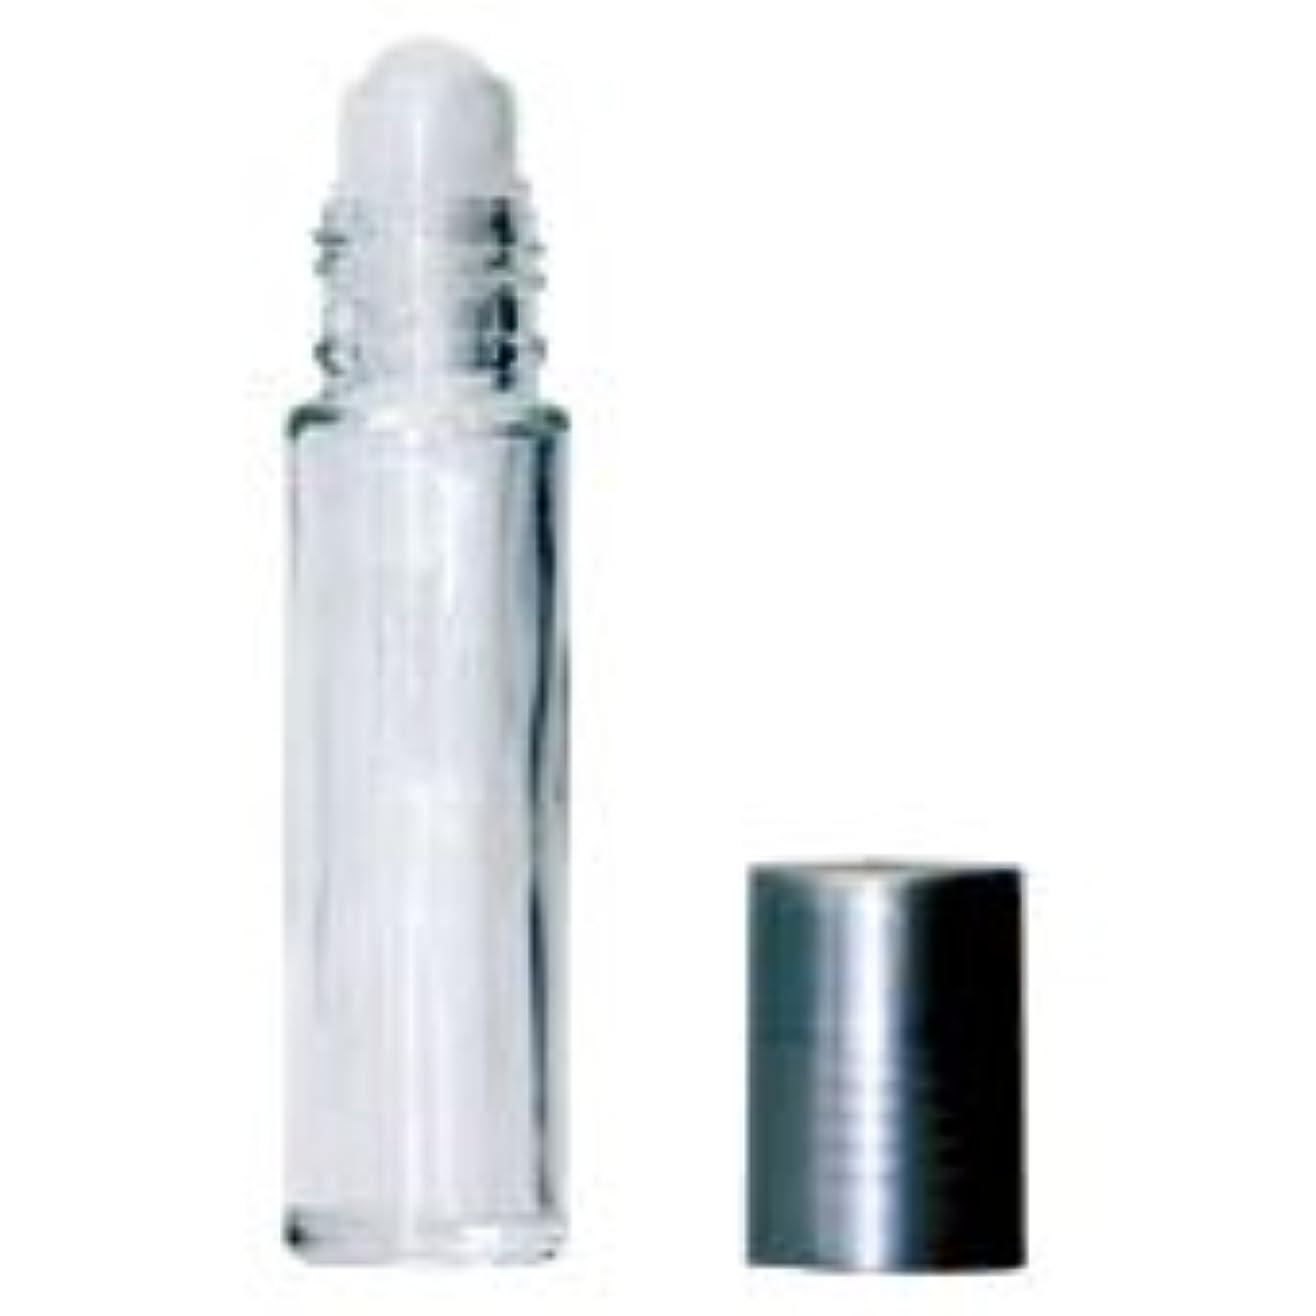 花瓶予言する流ロールオンボトル シルバーキャップ 10mL×4本セット